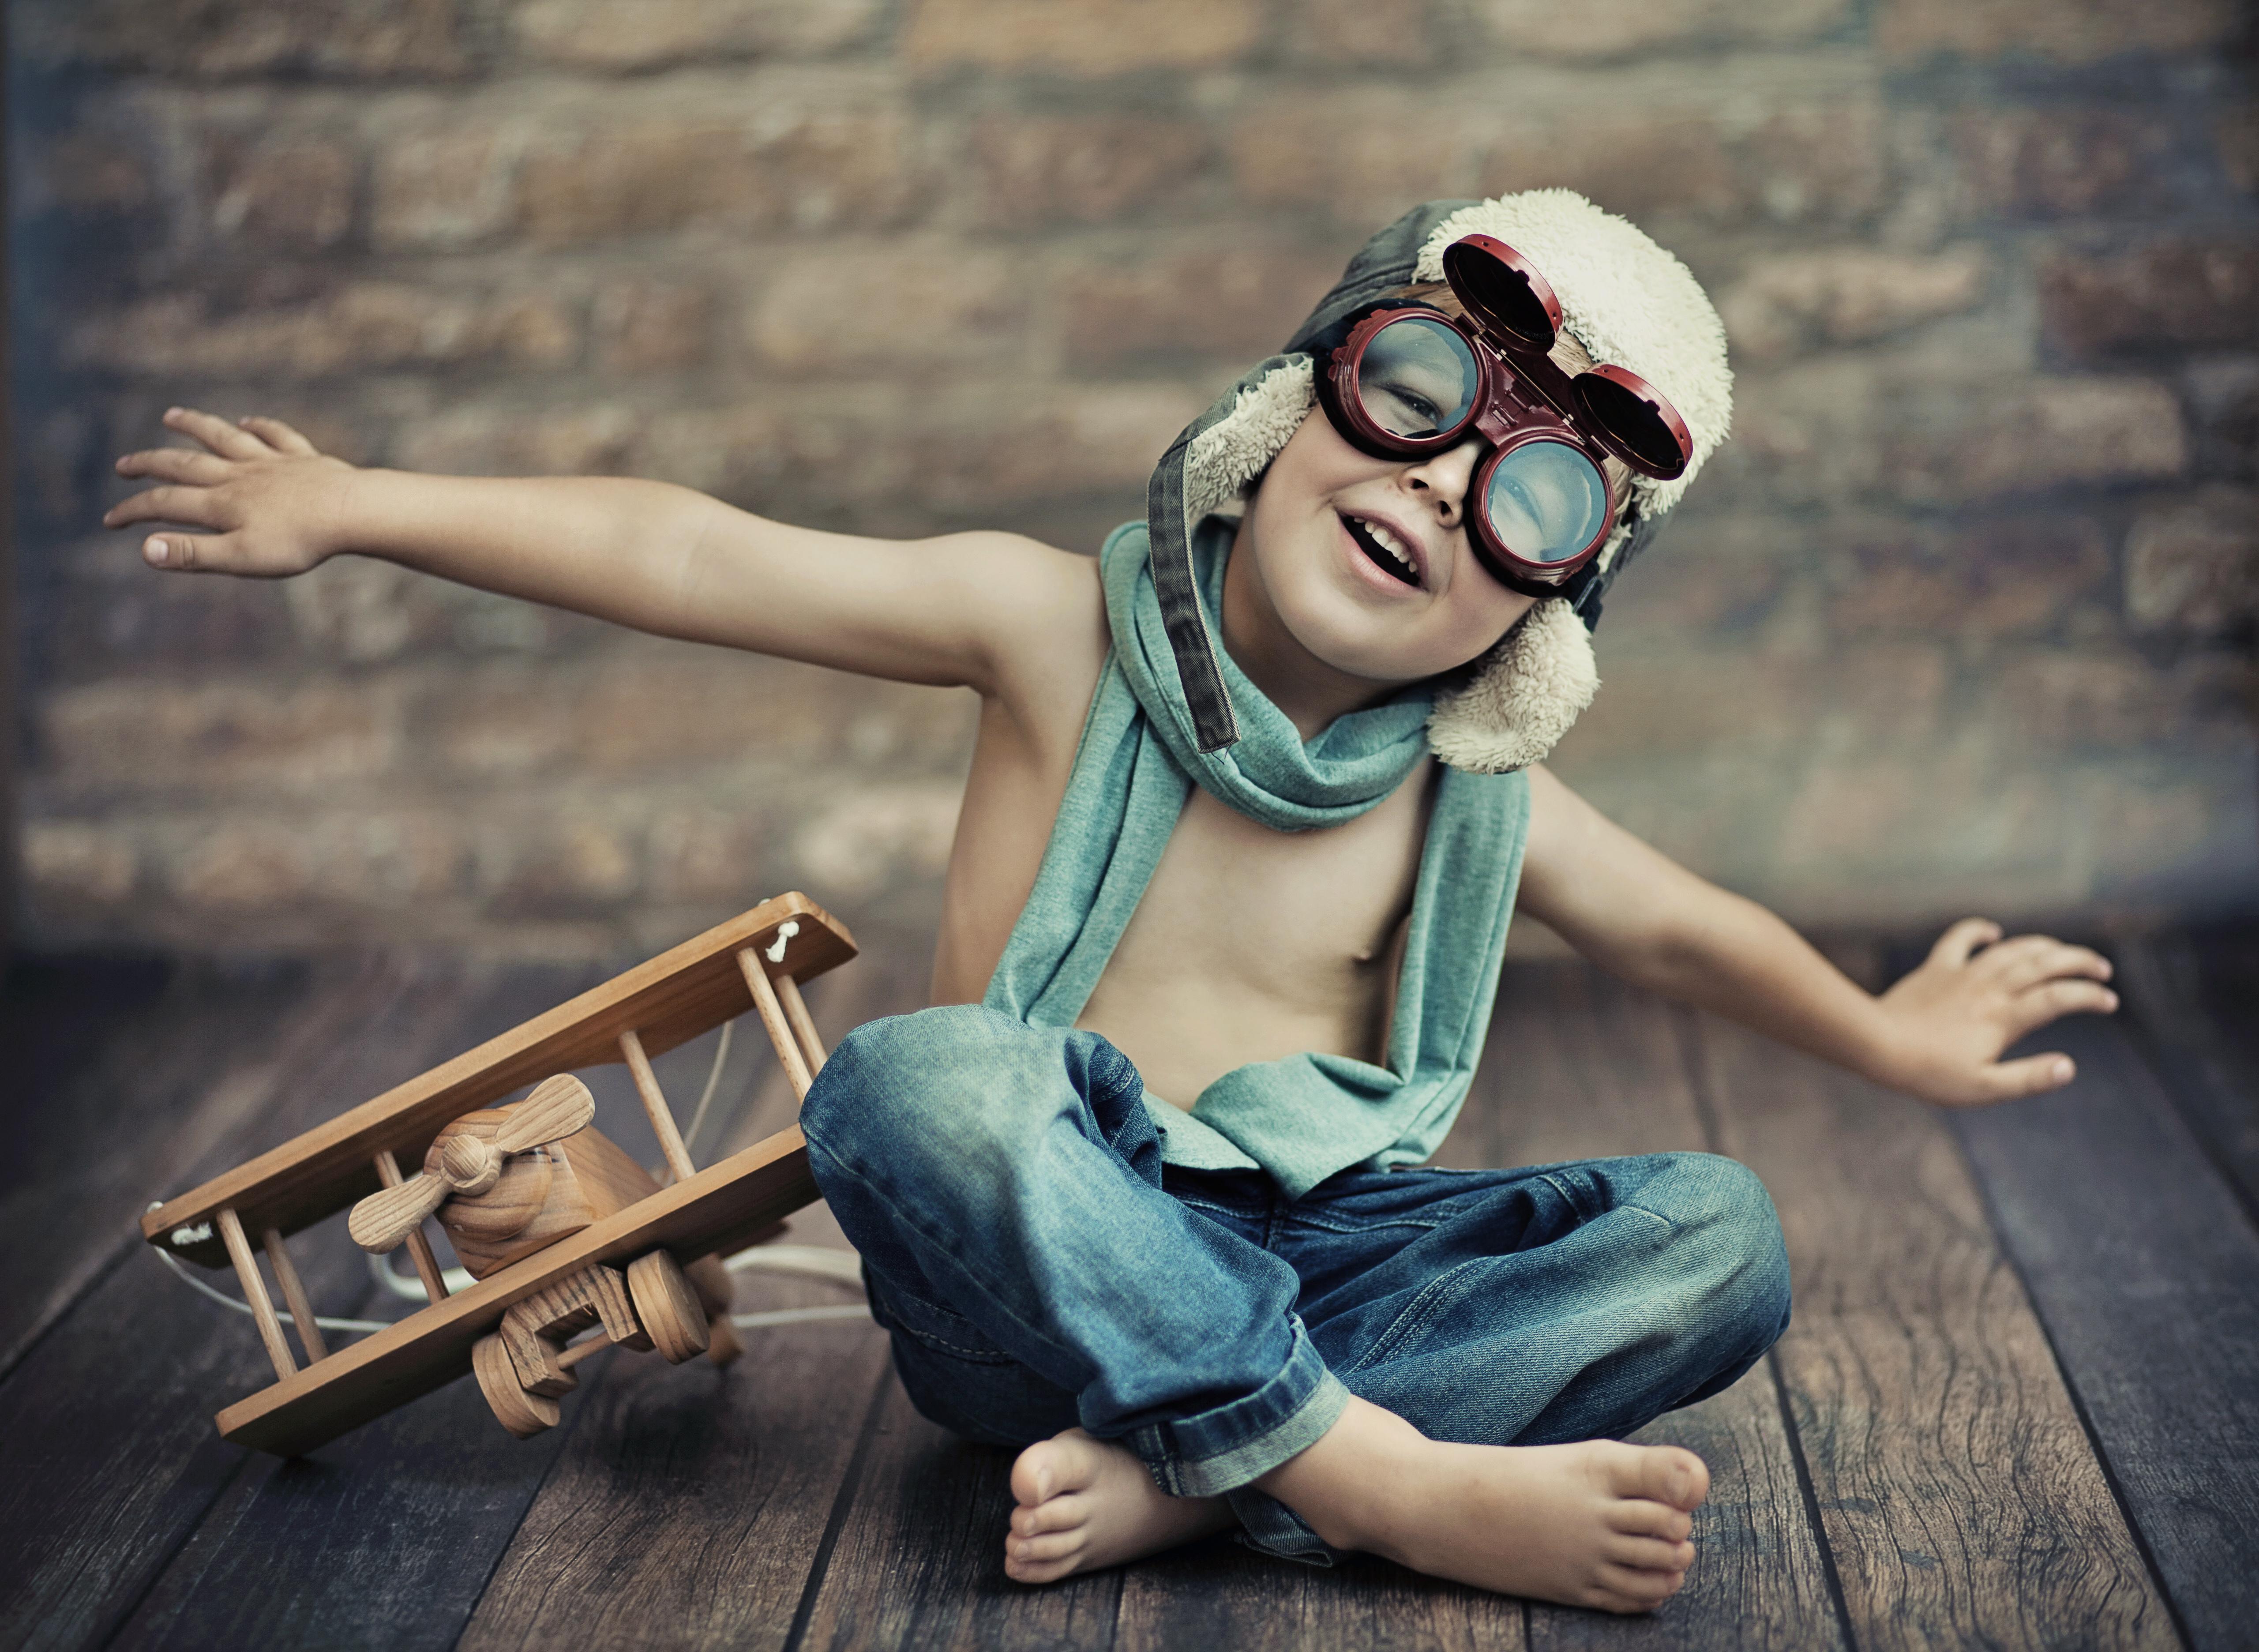 Spiel & Spaß: 4 Möglichkeiten für dein Kind, mit Freude Neues zu lernen